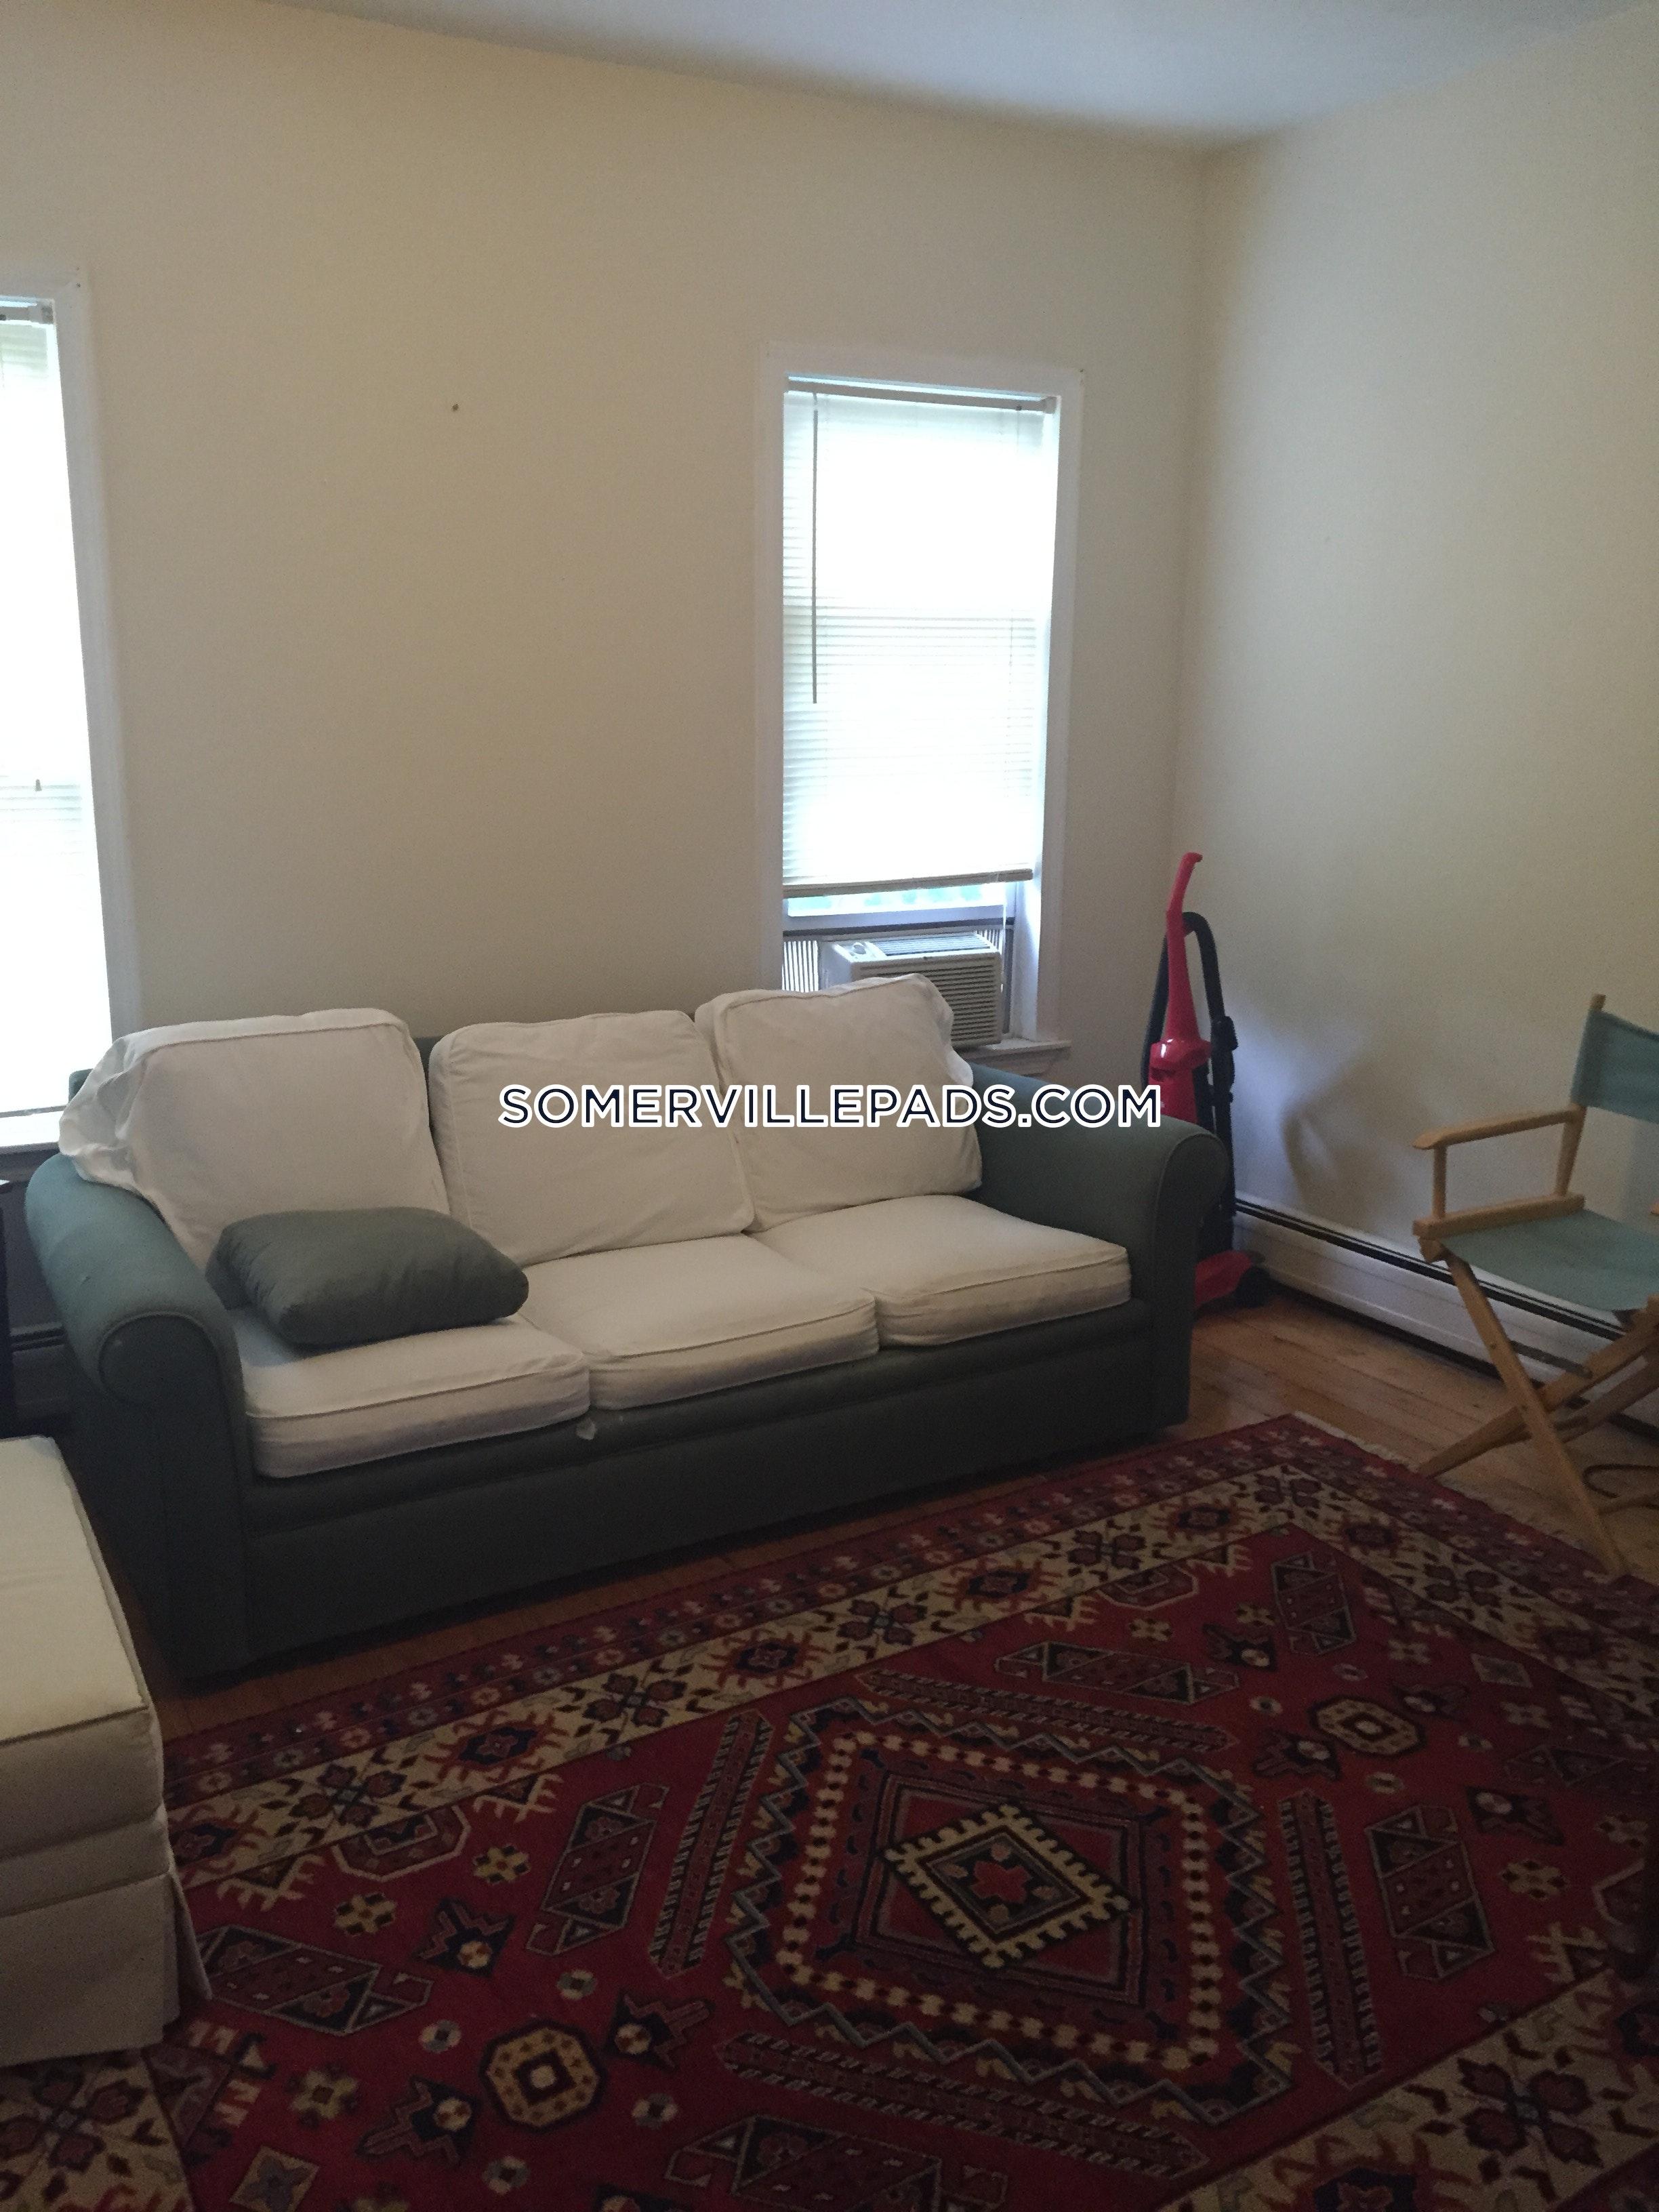 3-beds-1-bath-somerville-winter-hill-2785-446246